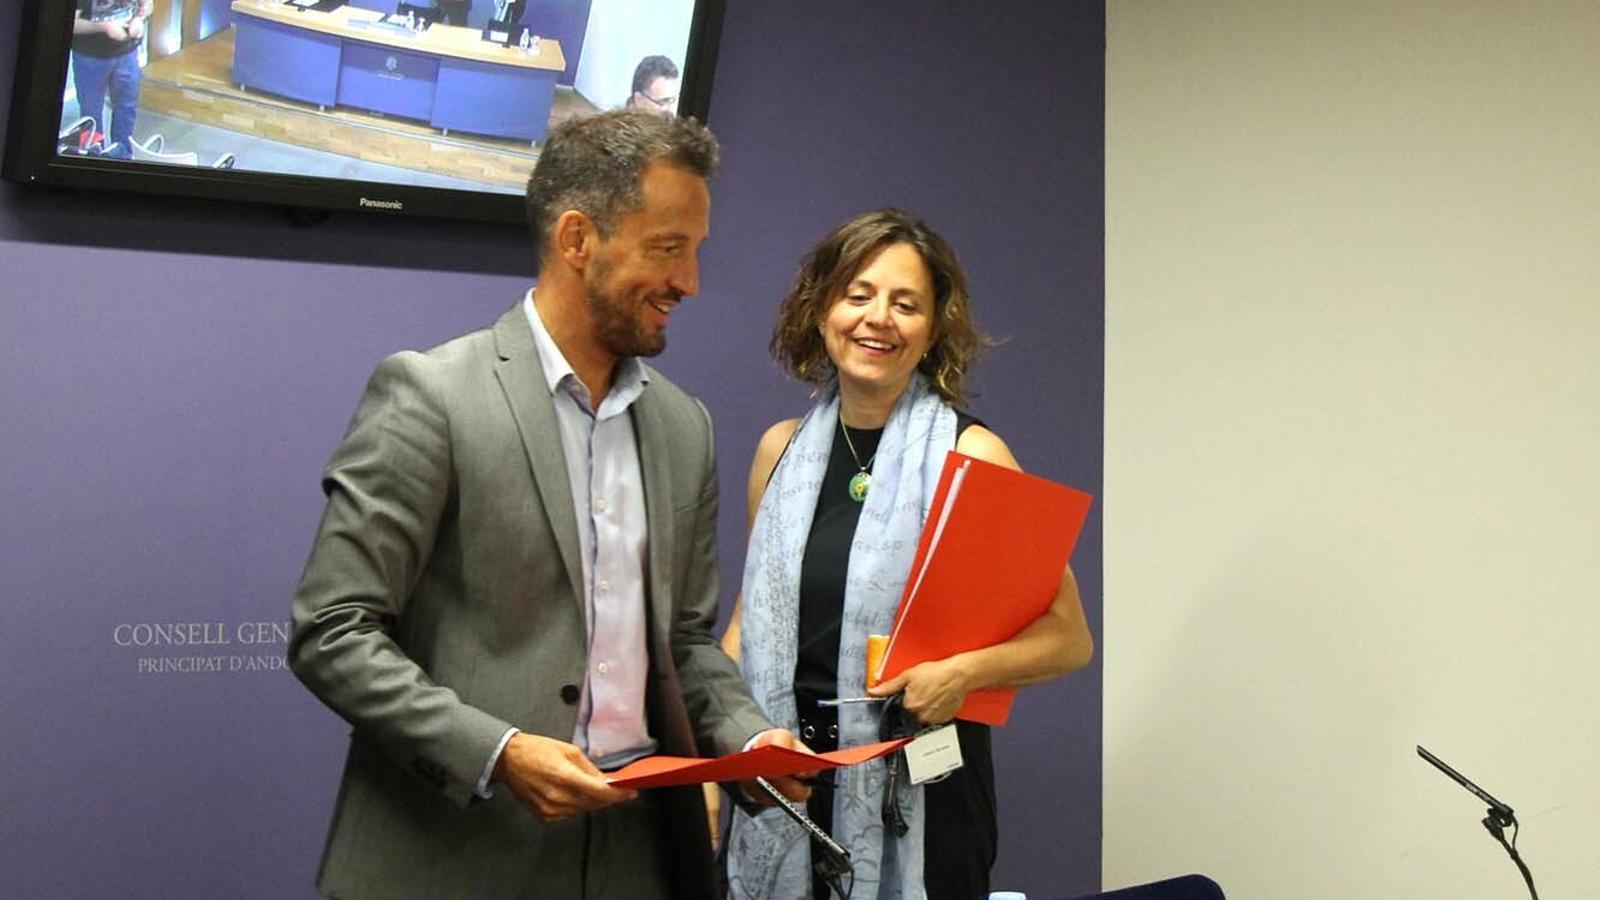 El president i la presidenta suplent del grup parlamentari socialdemòcrata, Pere López i Rosa Gili, moments abans de la roda de premsa. / M. F.